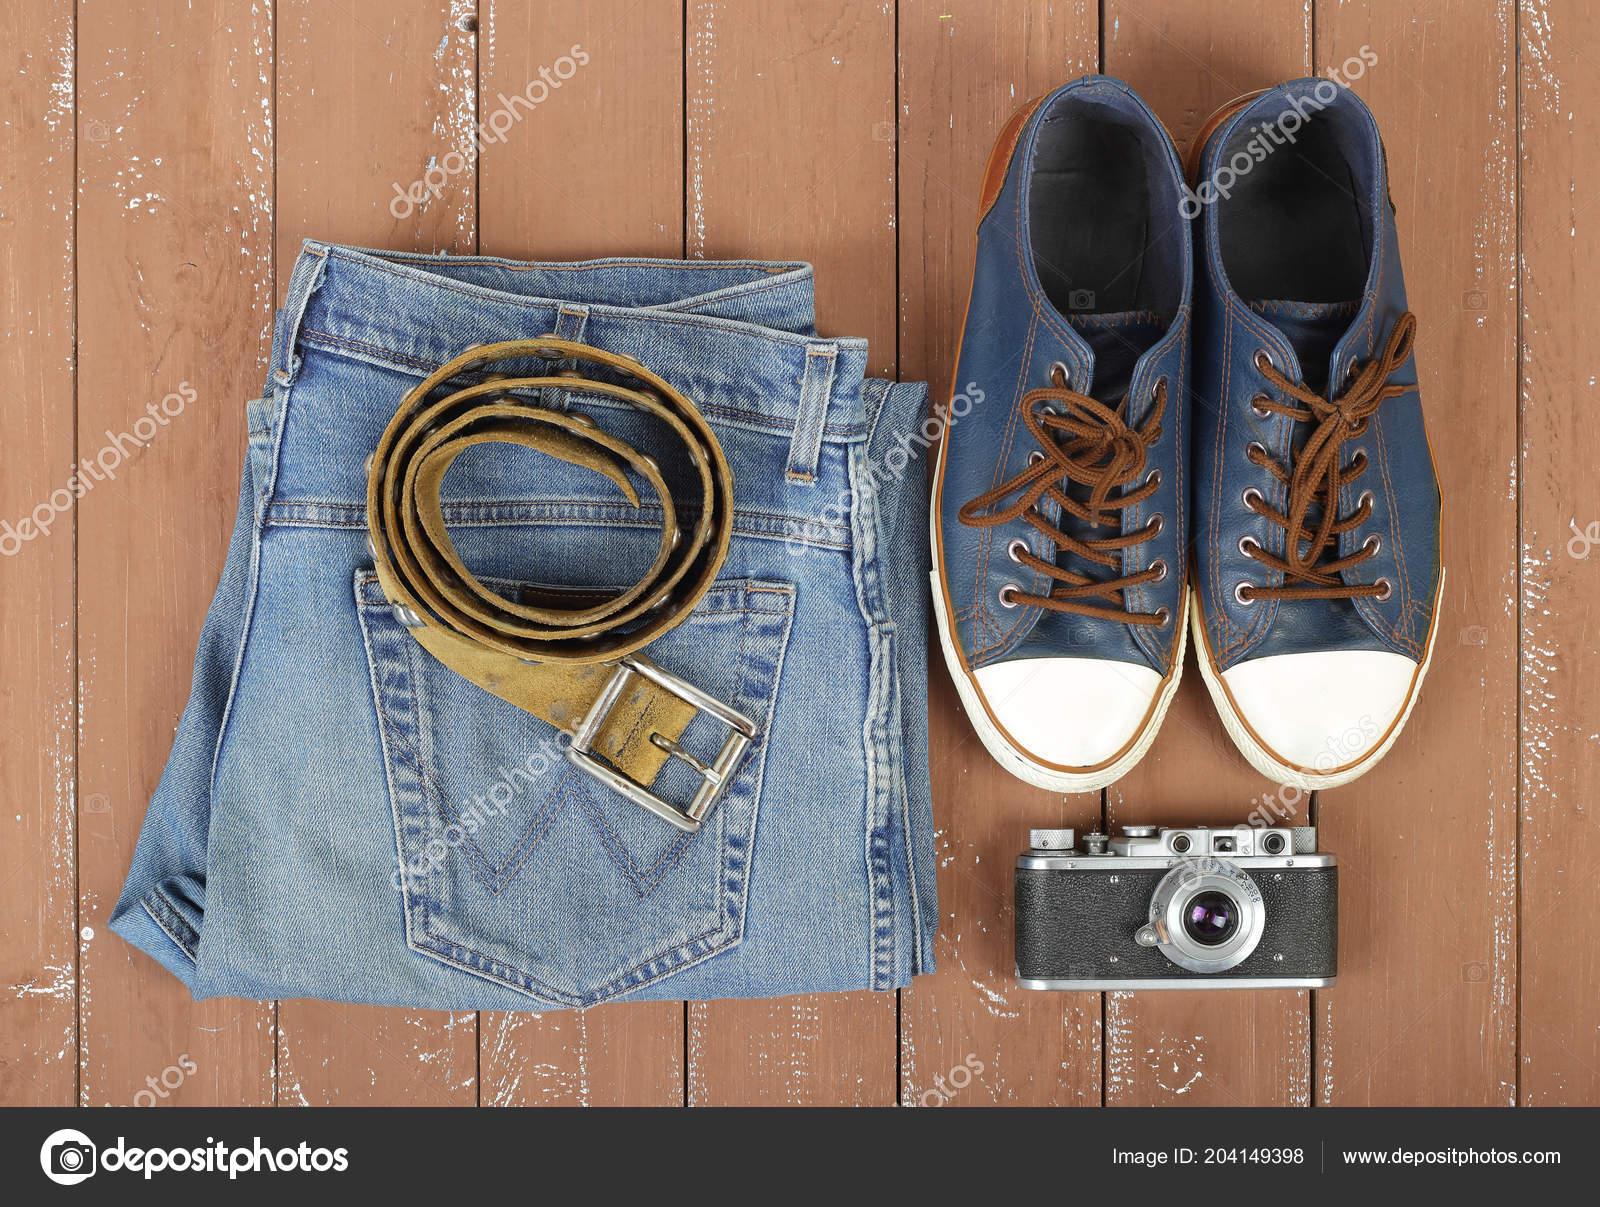 Oblečení Obuv Doplňky Pohled Shora Starý Fotoaparát Kožený Opasek Čmuchání  — Stock fotografie 202dbf63e2